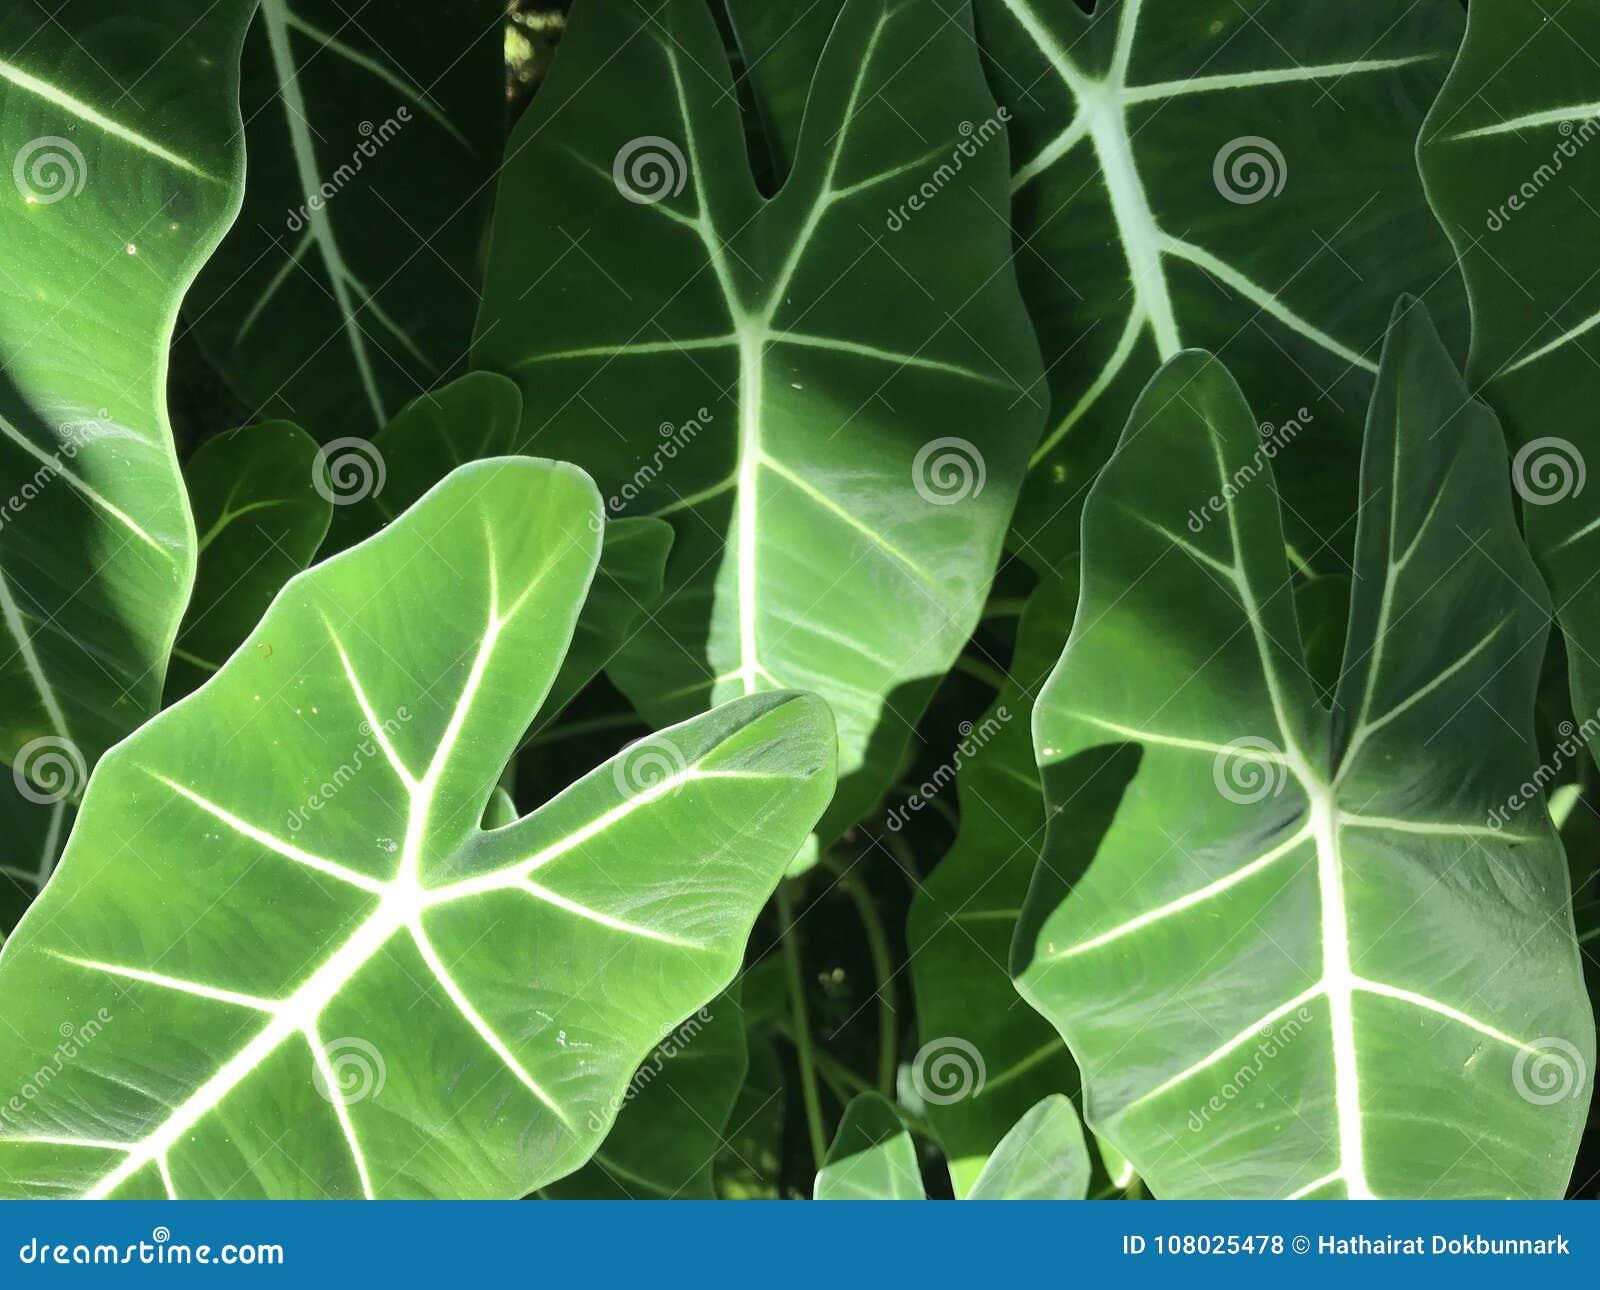 Voller Rahmen von hellgrünen Blättern der Elefantenohranlage